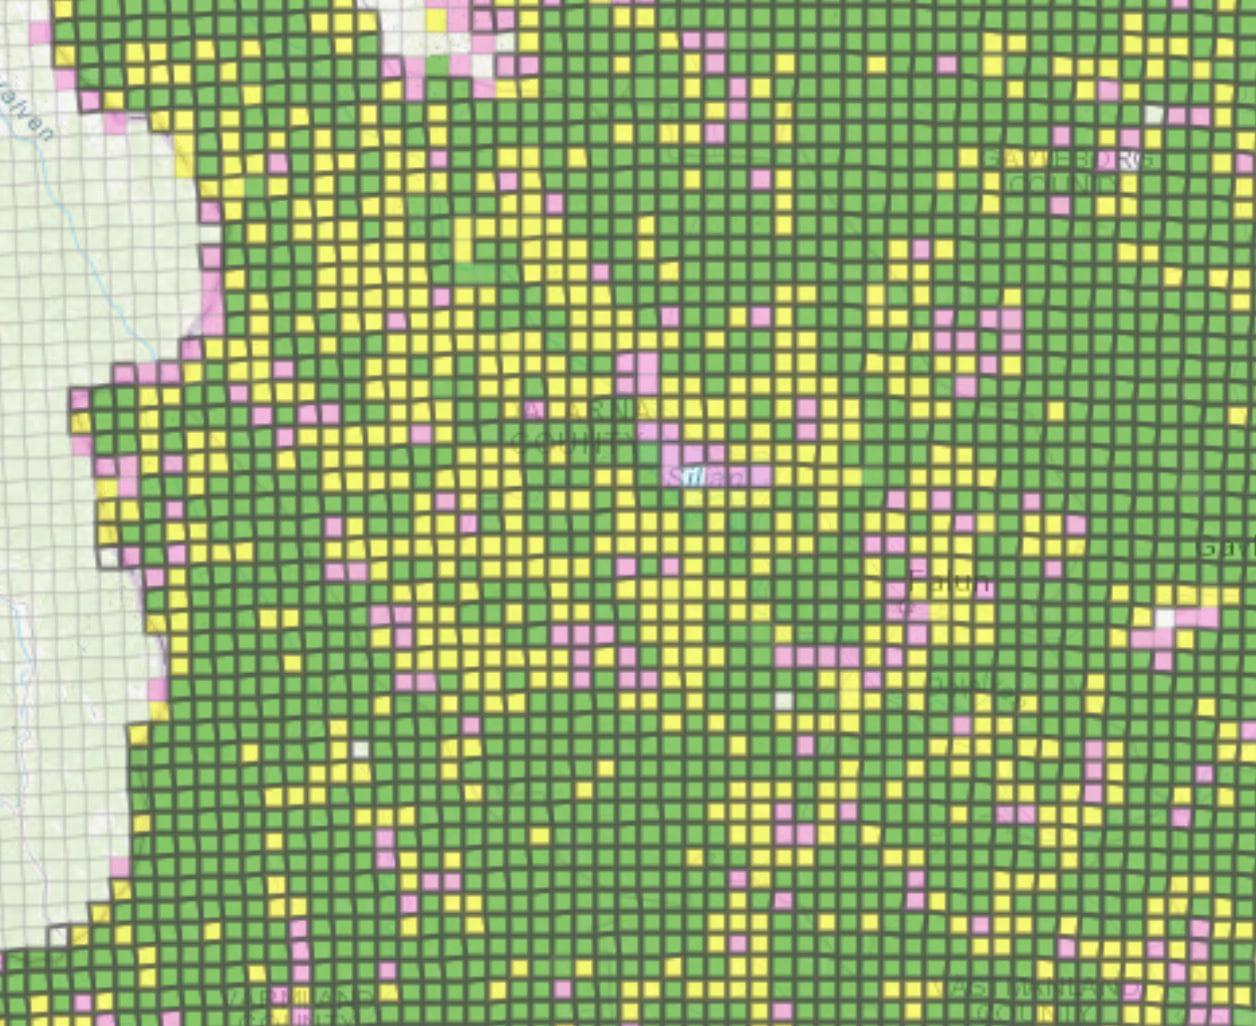 Så här såg varginventeringsinsatsen ut i Dalarna när inventeringen avslutades den 31 mars i år. Gul eller grön markering visar att inventeringsrutorna är körda i enlighet med instruktionerna från Viltskadecenter. Källa: Rovbase